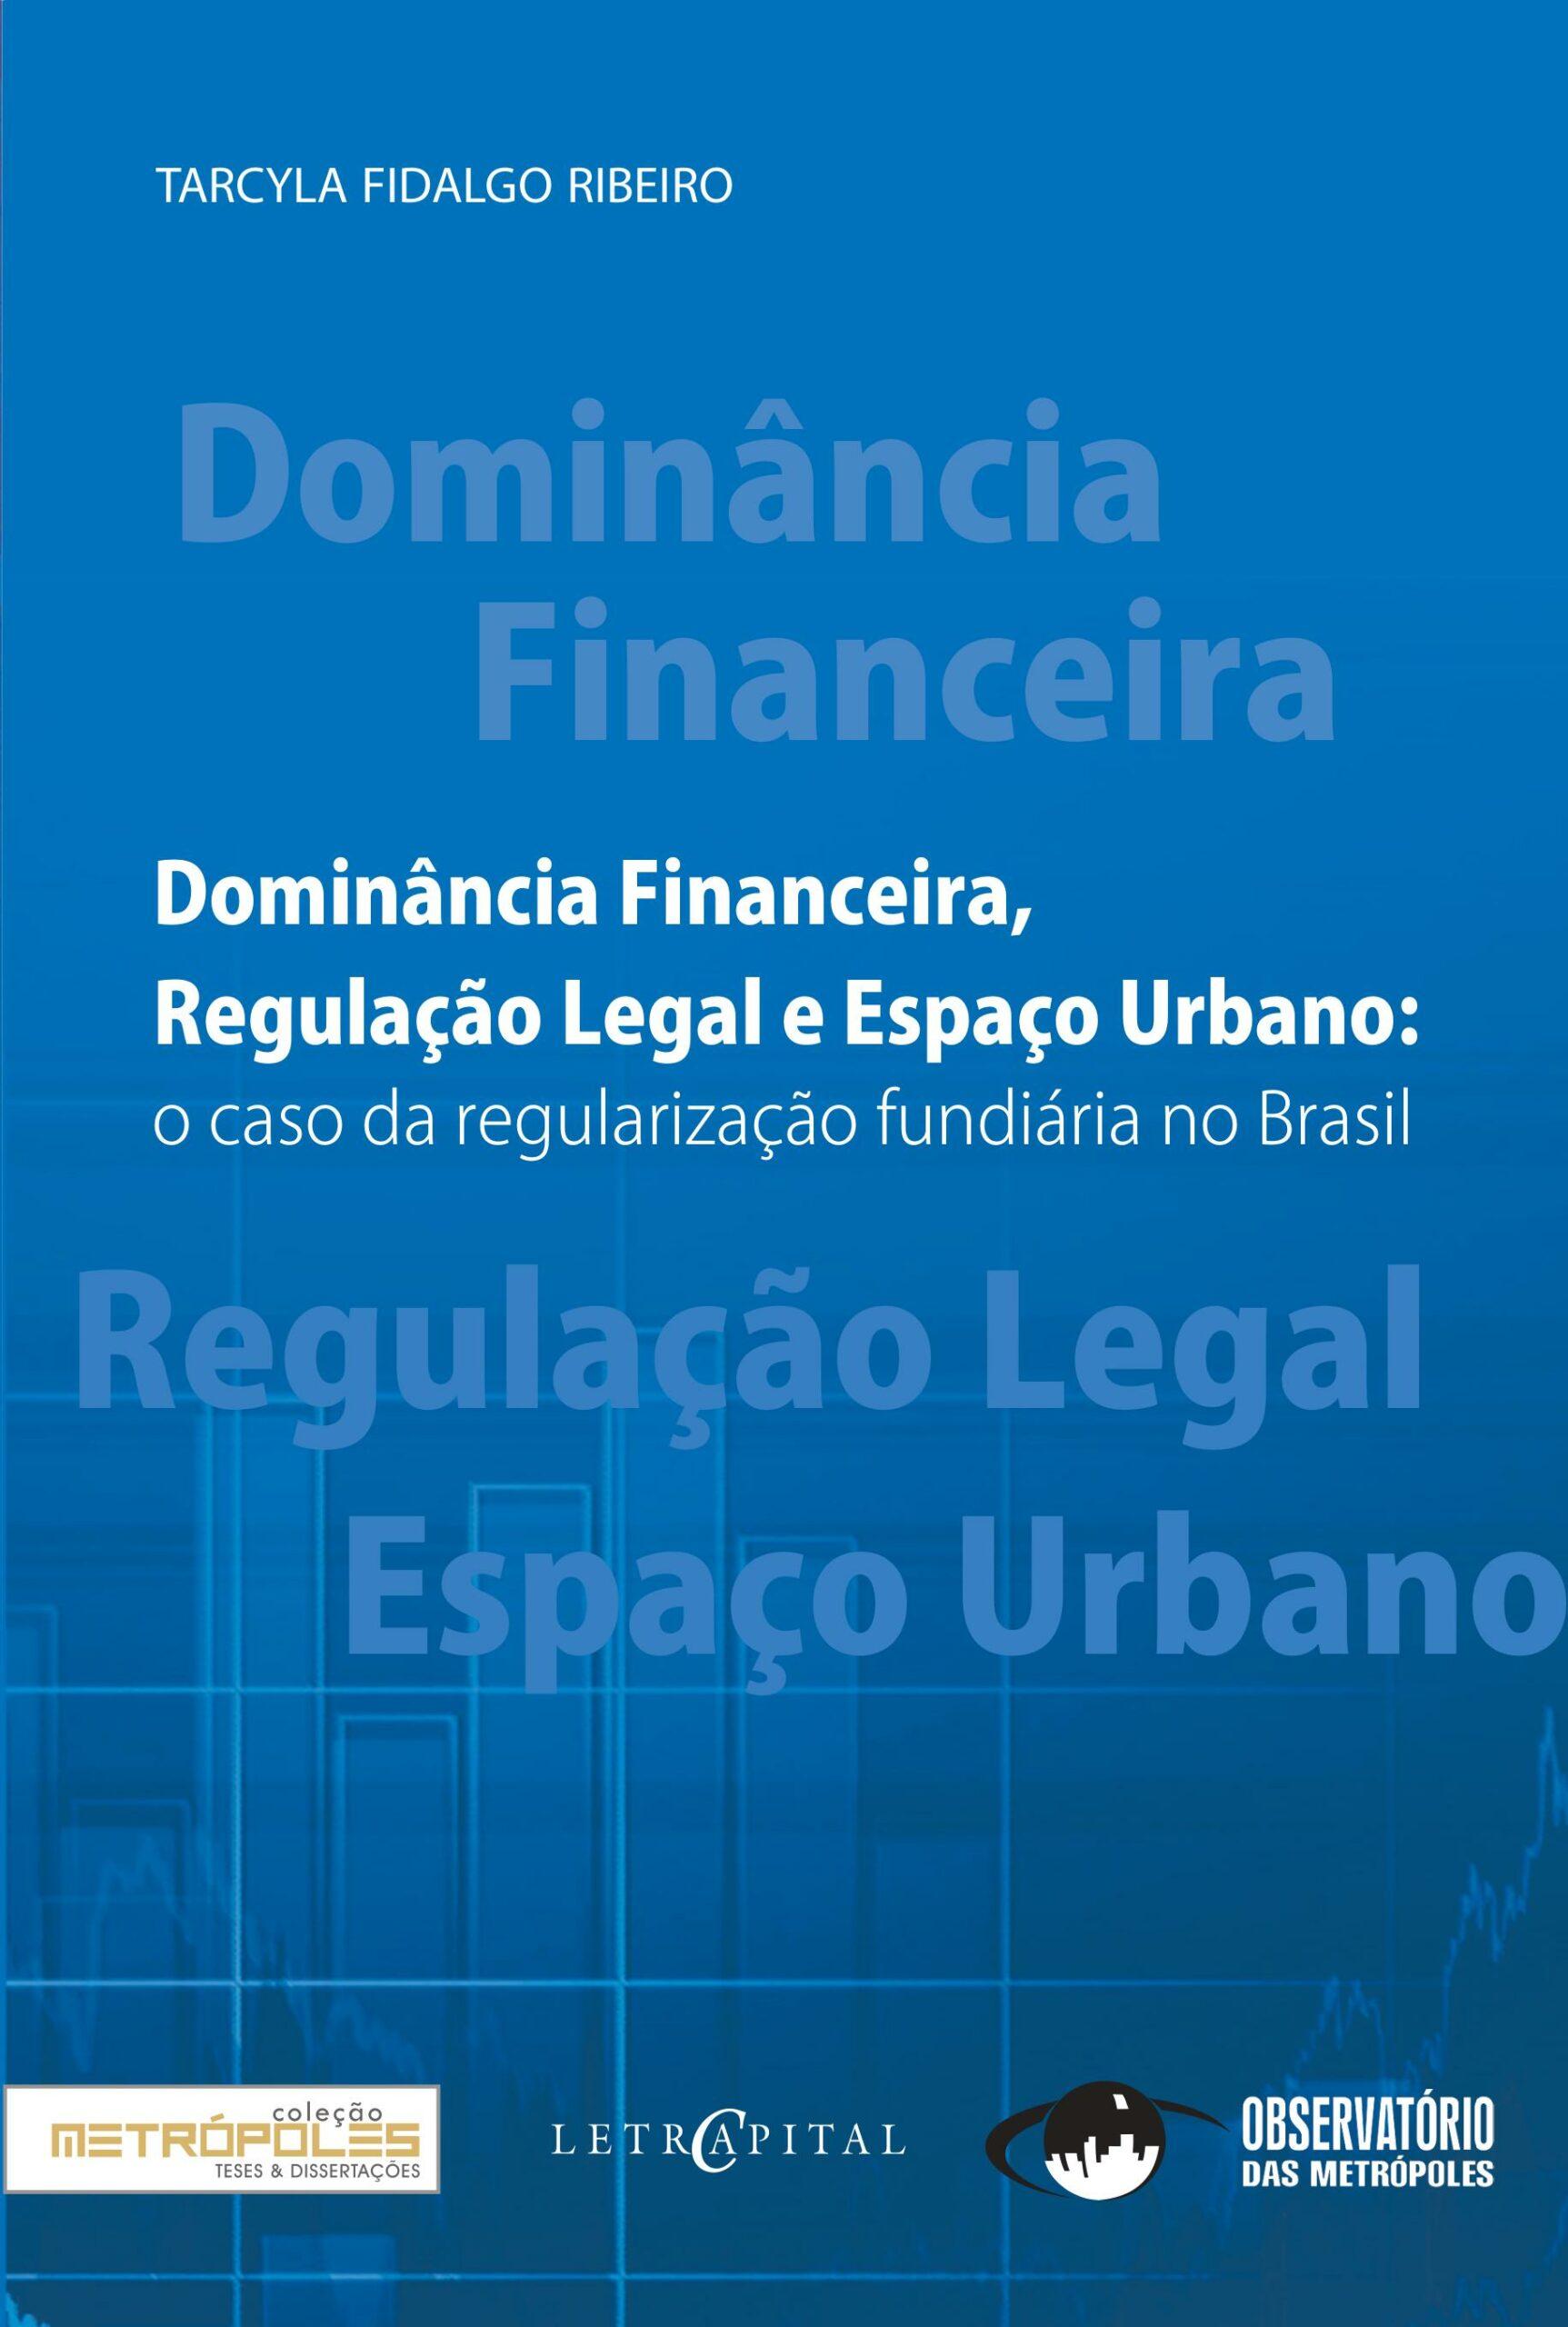 Dominância Financeira, Regulação Legal e Espaço Urbano: o caso da regularização fundiária no Brasil